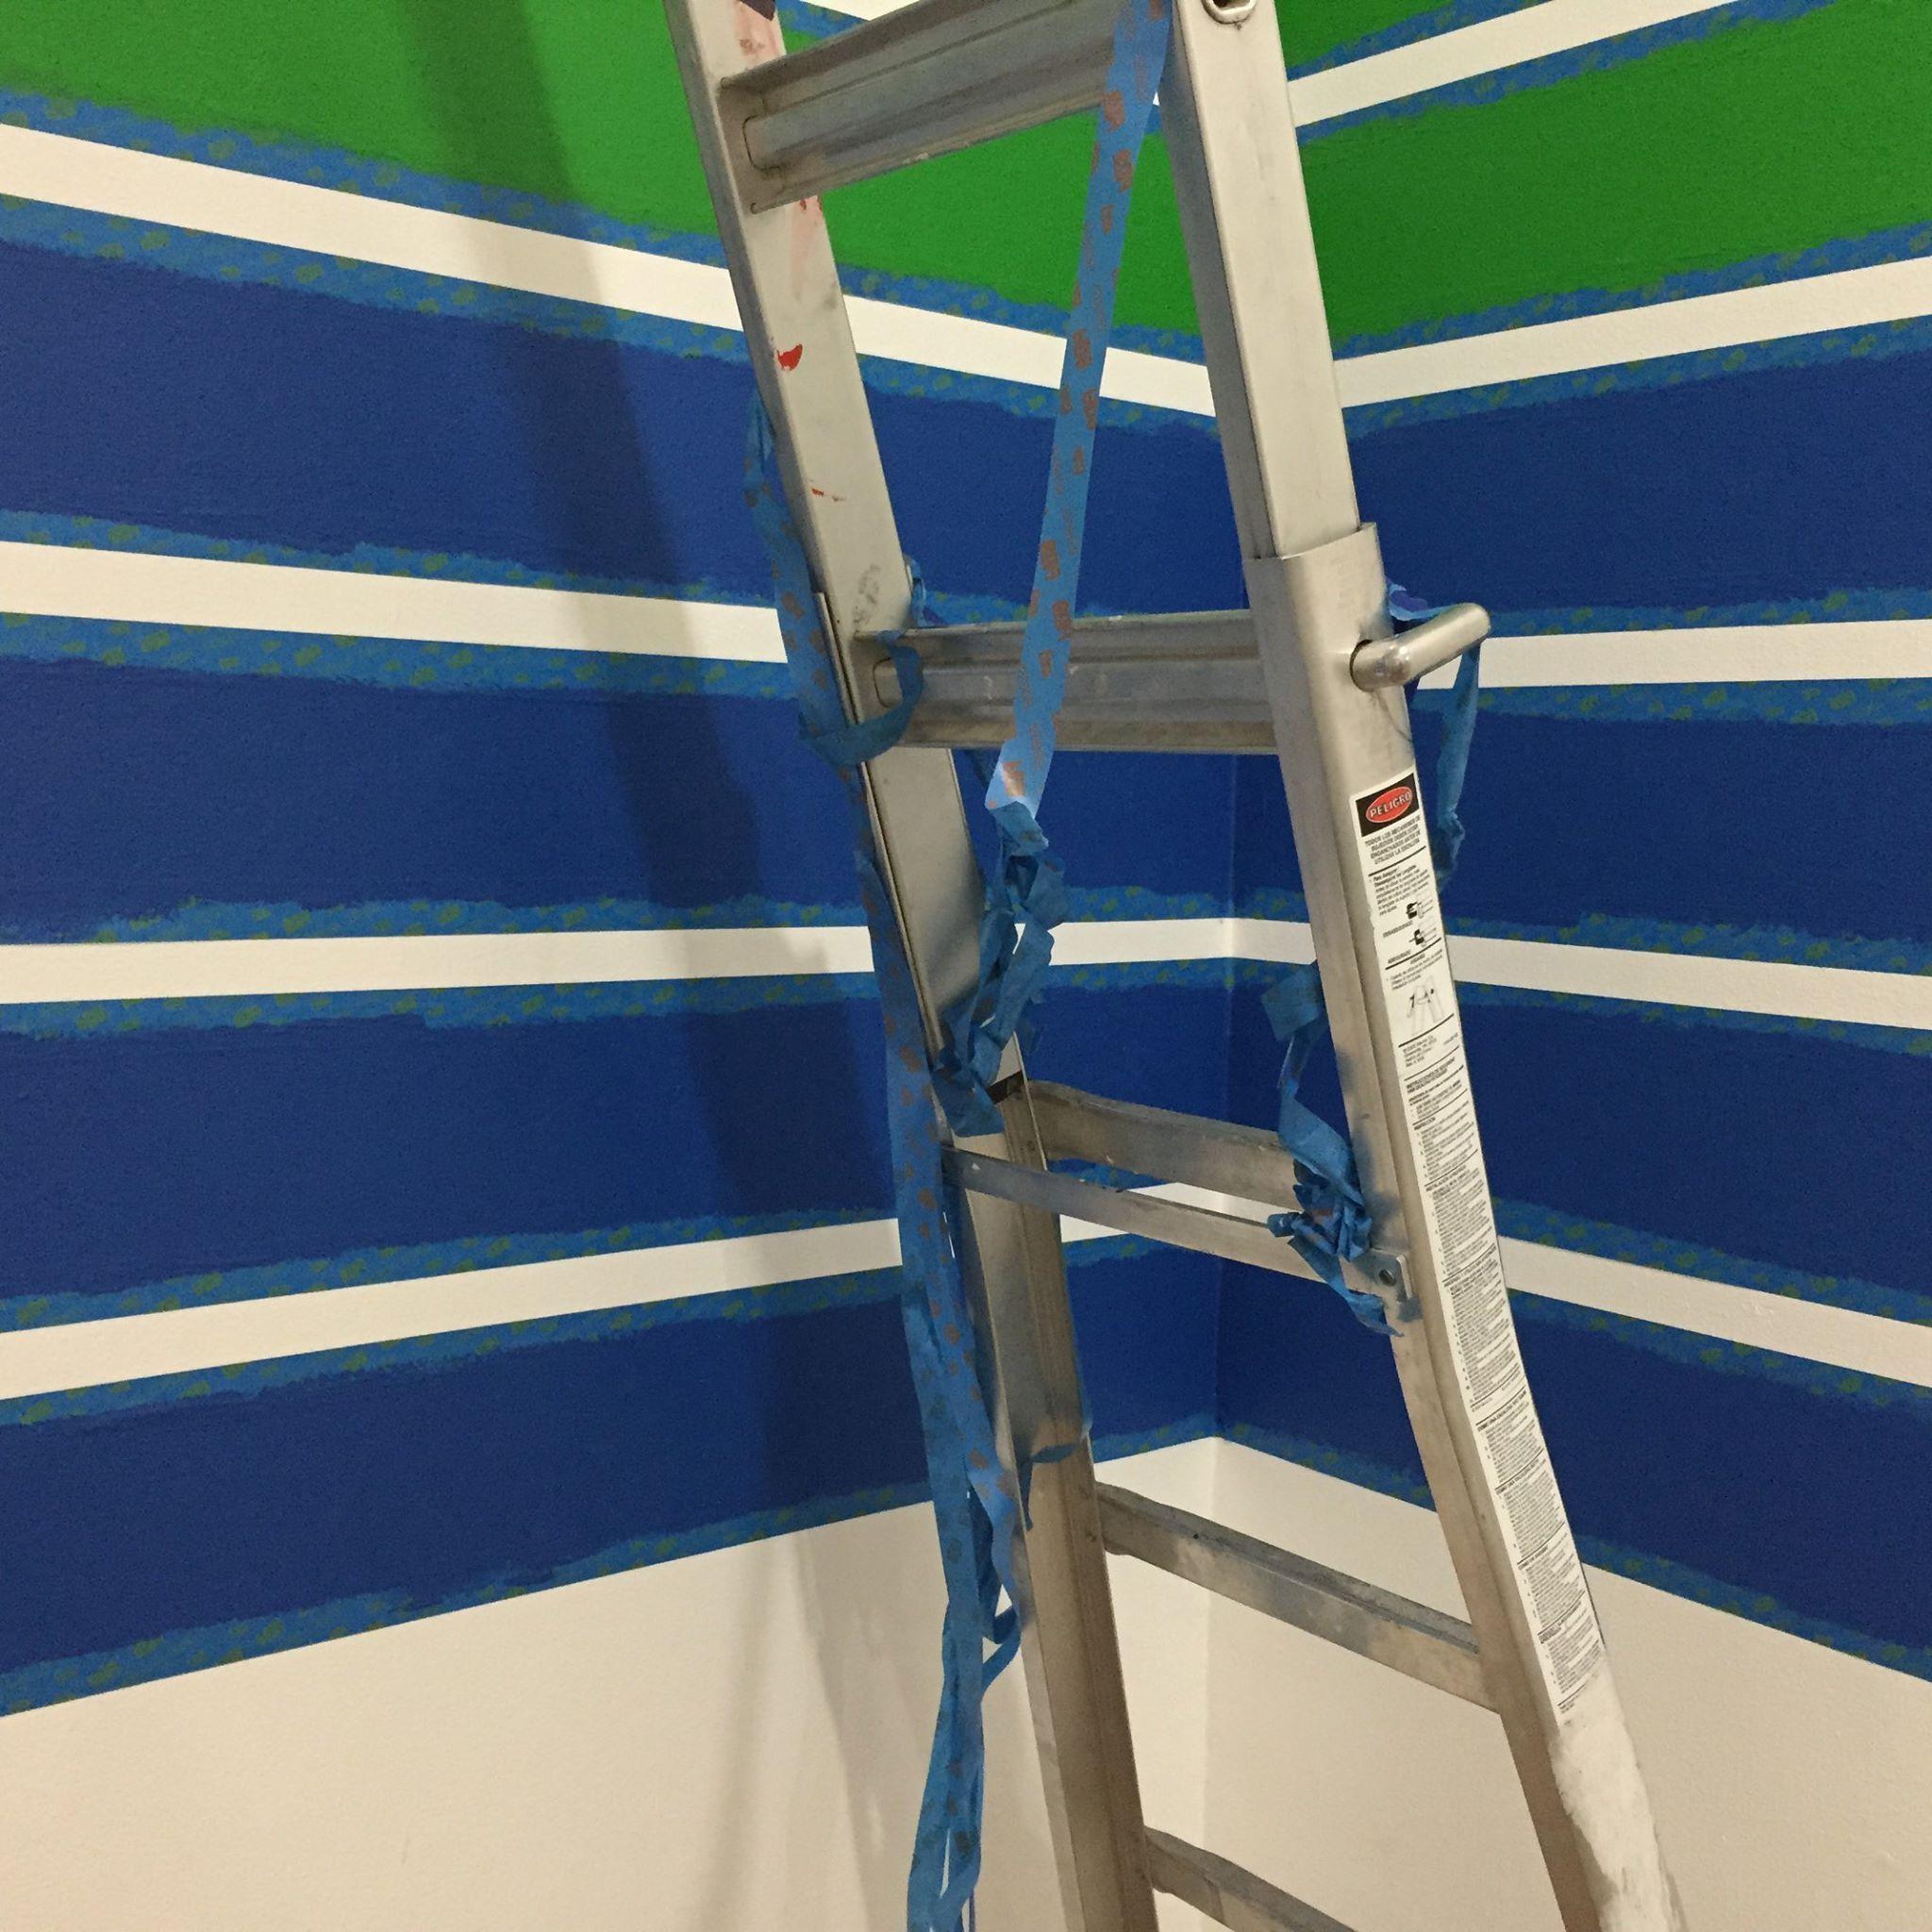 4 na kim wall ladder on kim wall id=31230